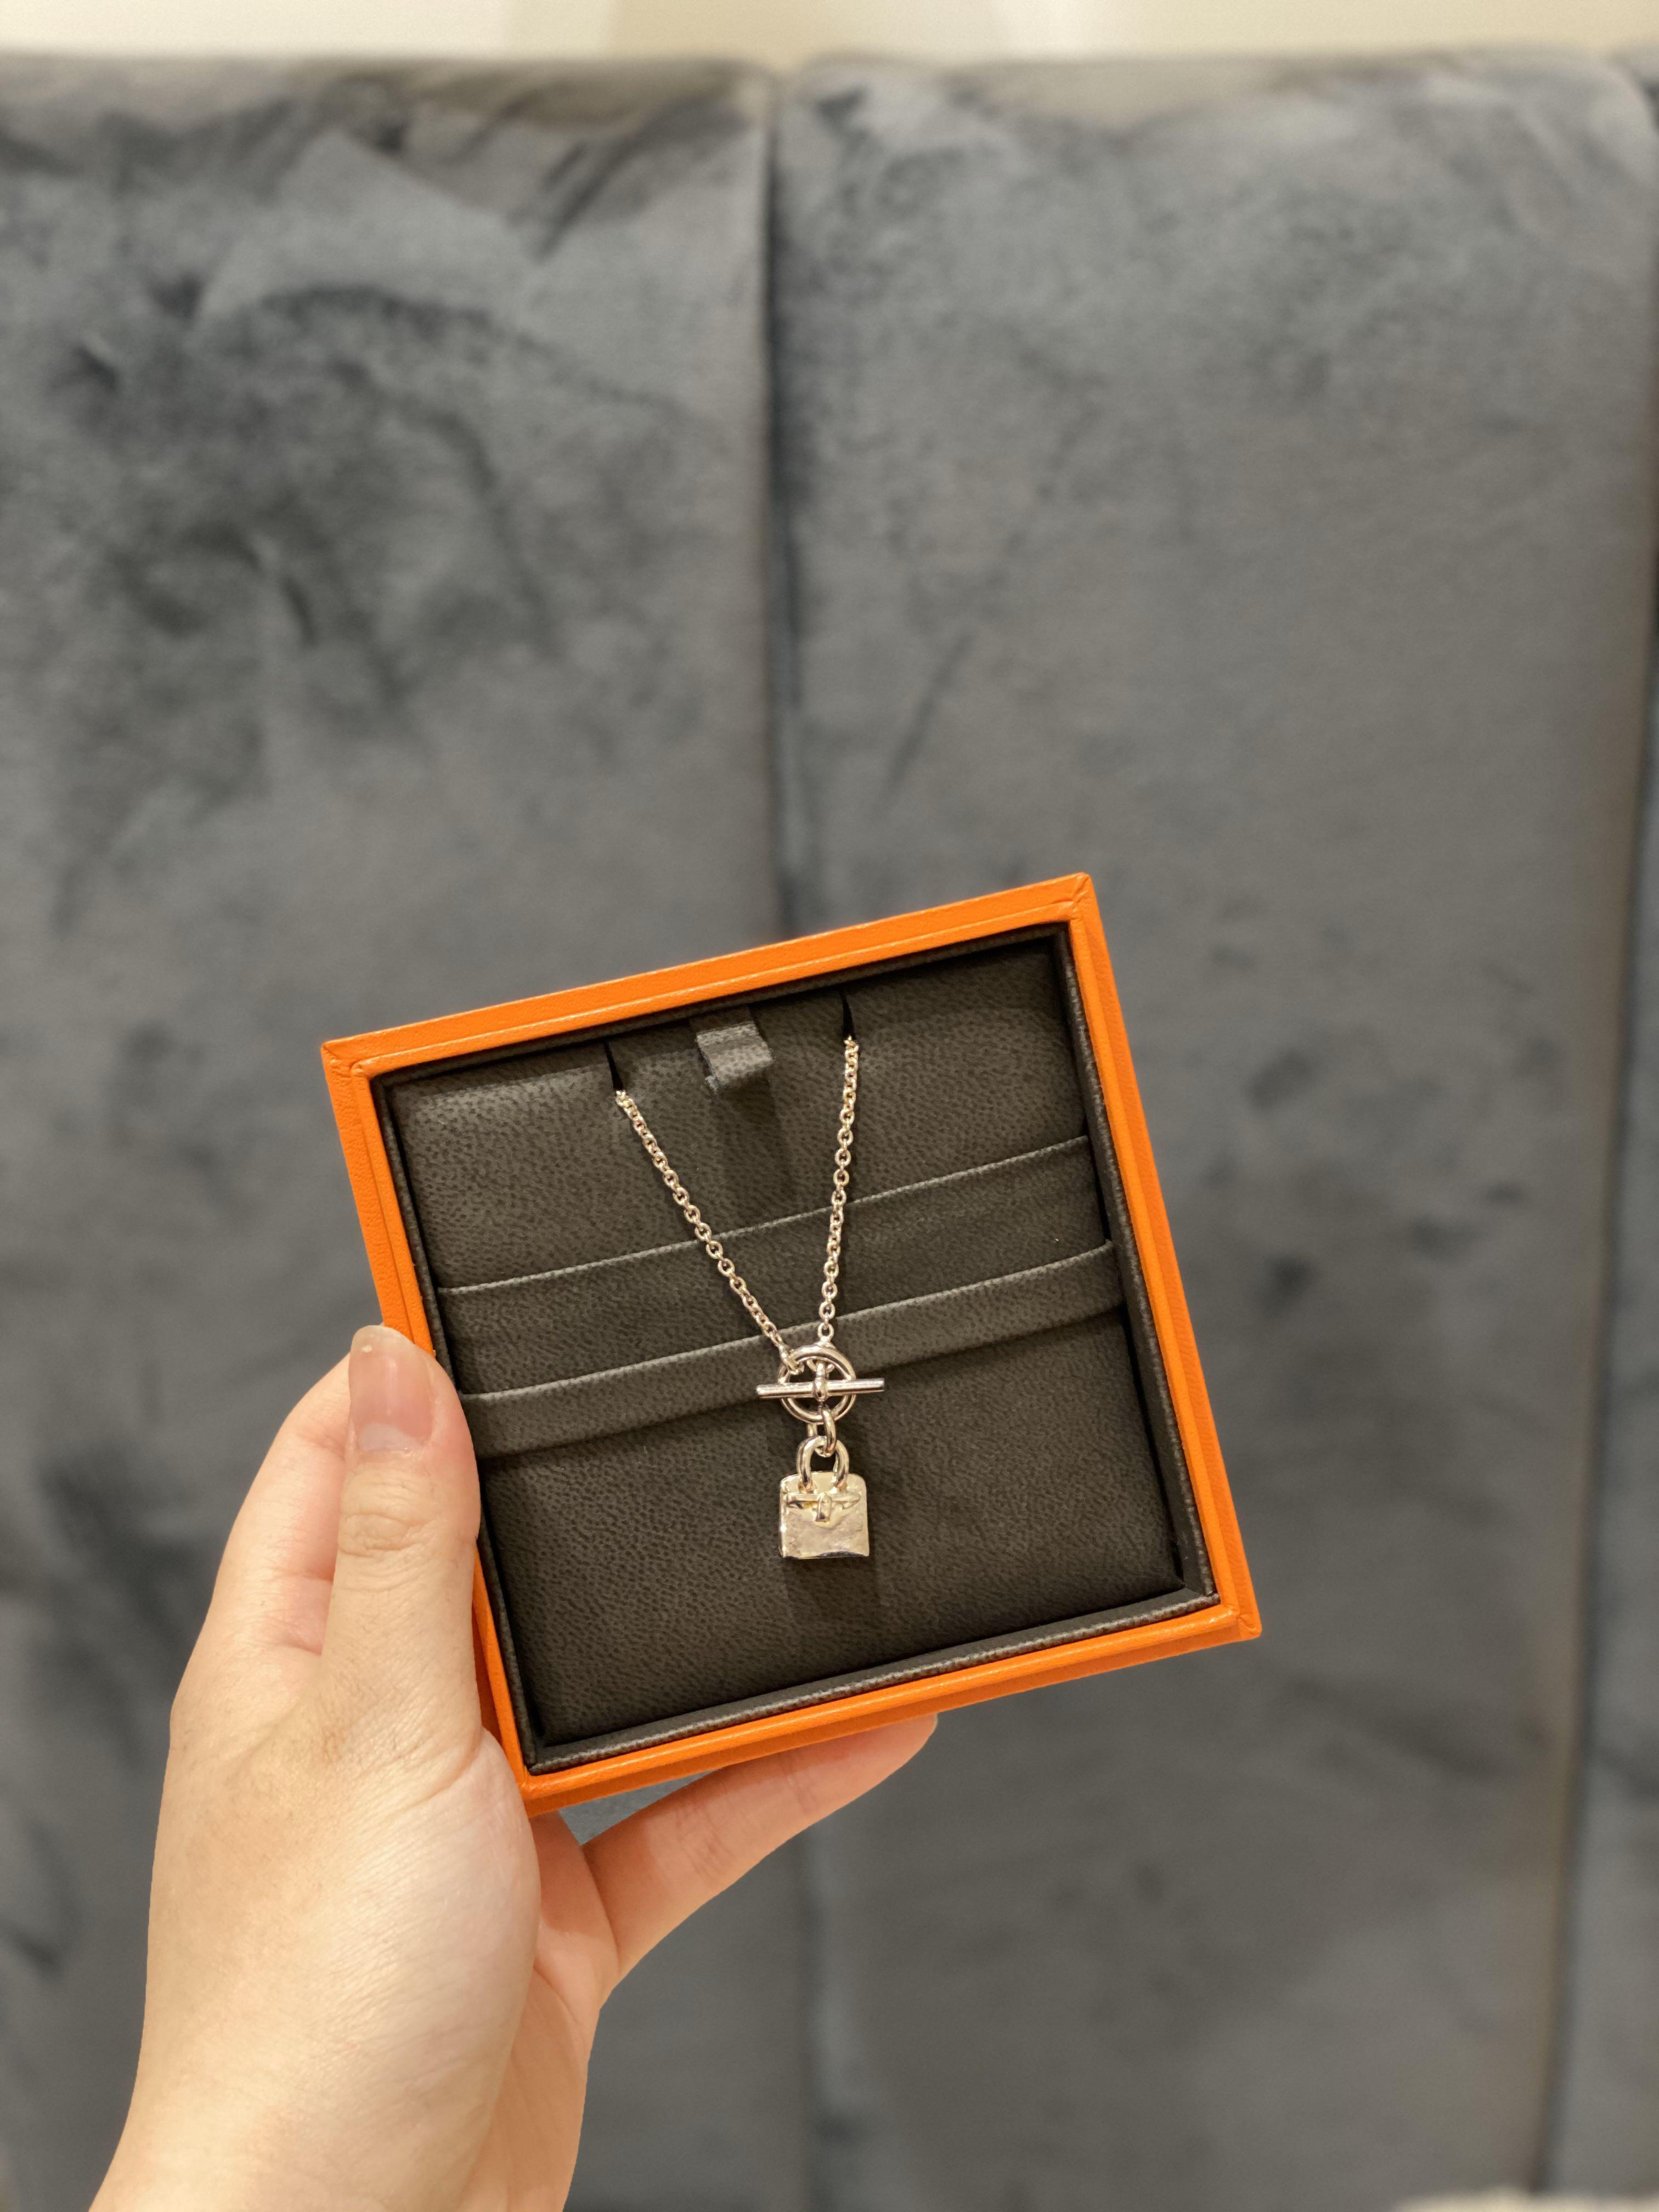 愛馬仕 Hermès 鉑金包款項鍊